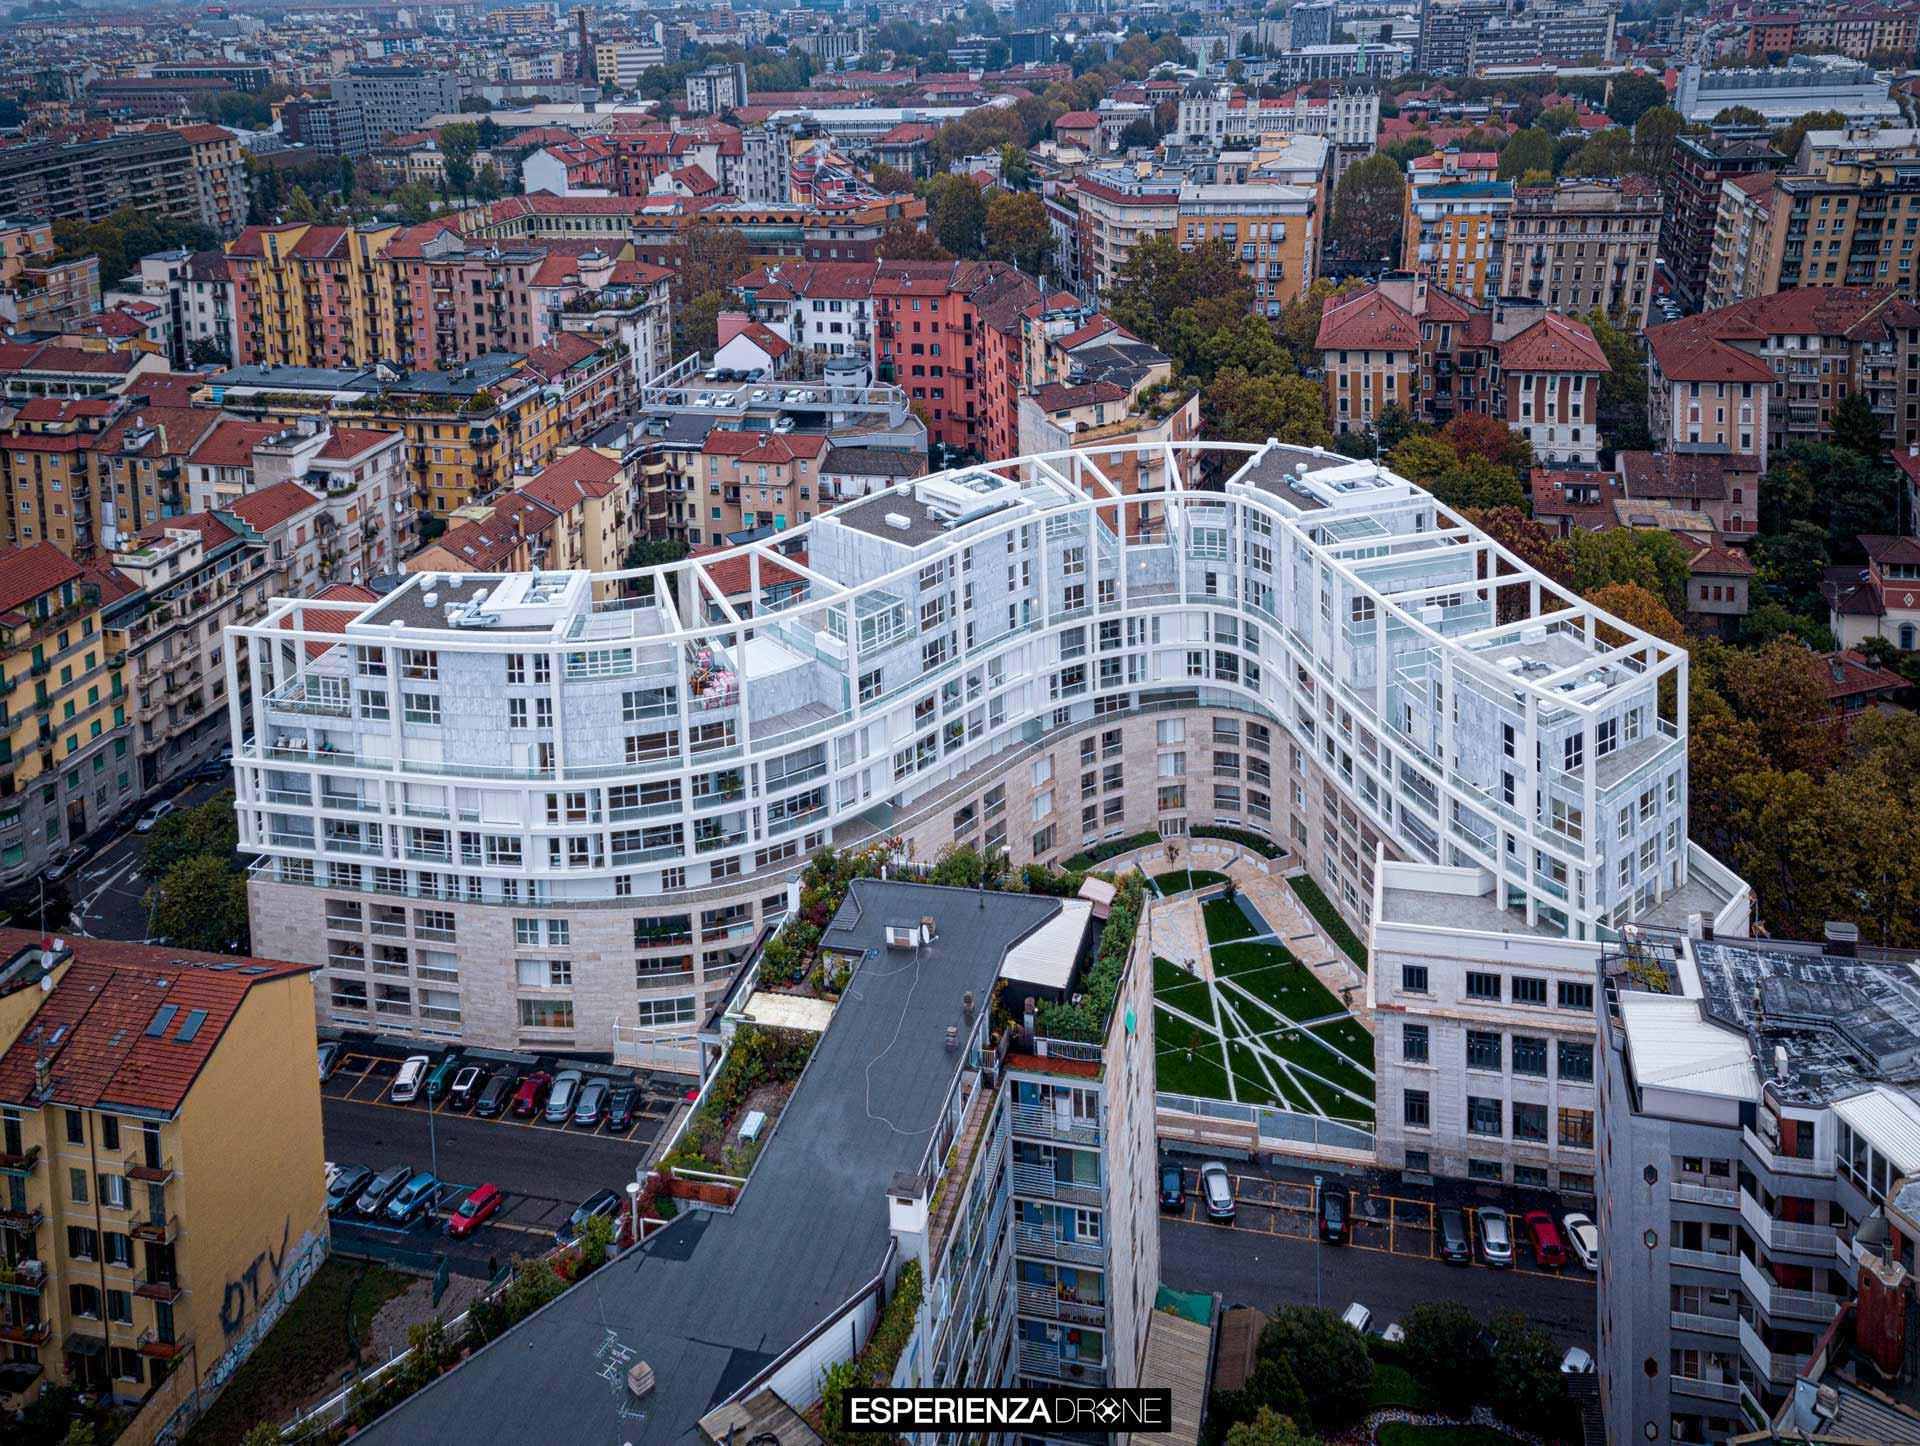 esperienza drone immagine portfolio architettura aerea zenitale diurna milano residenze carlo erba cinque 2.jpg